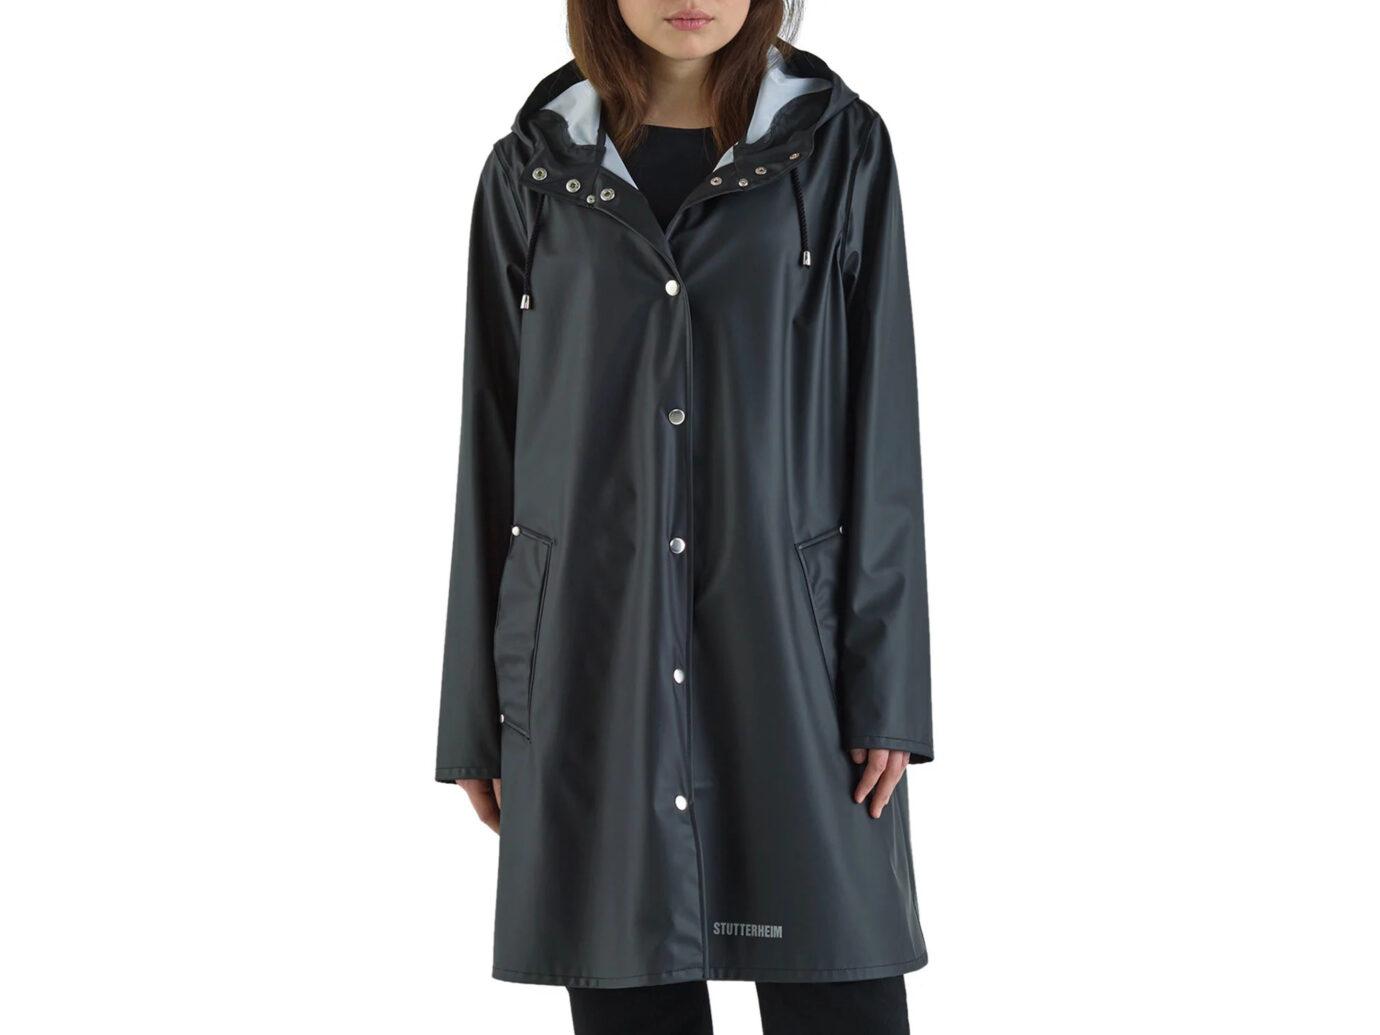 Stutterheim Mosebacke Lightweight Raincoat